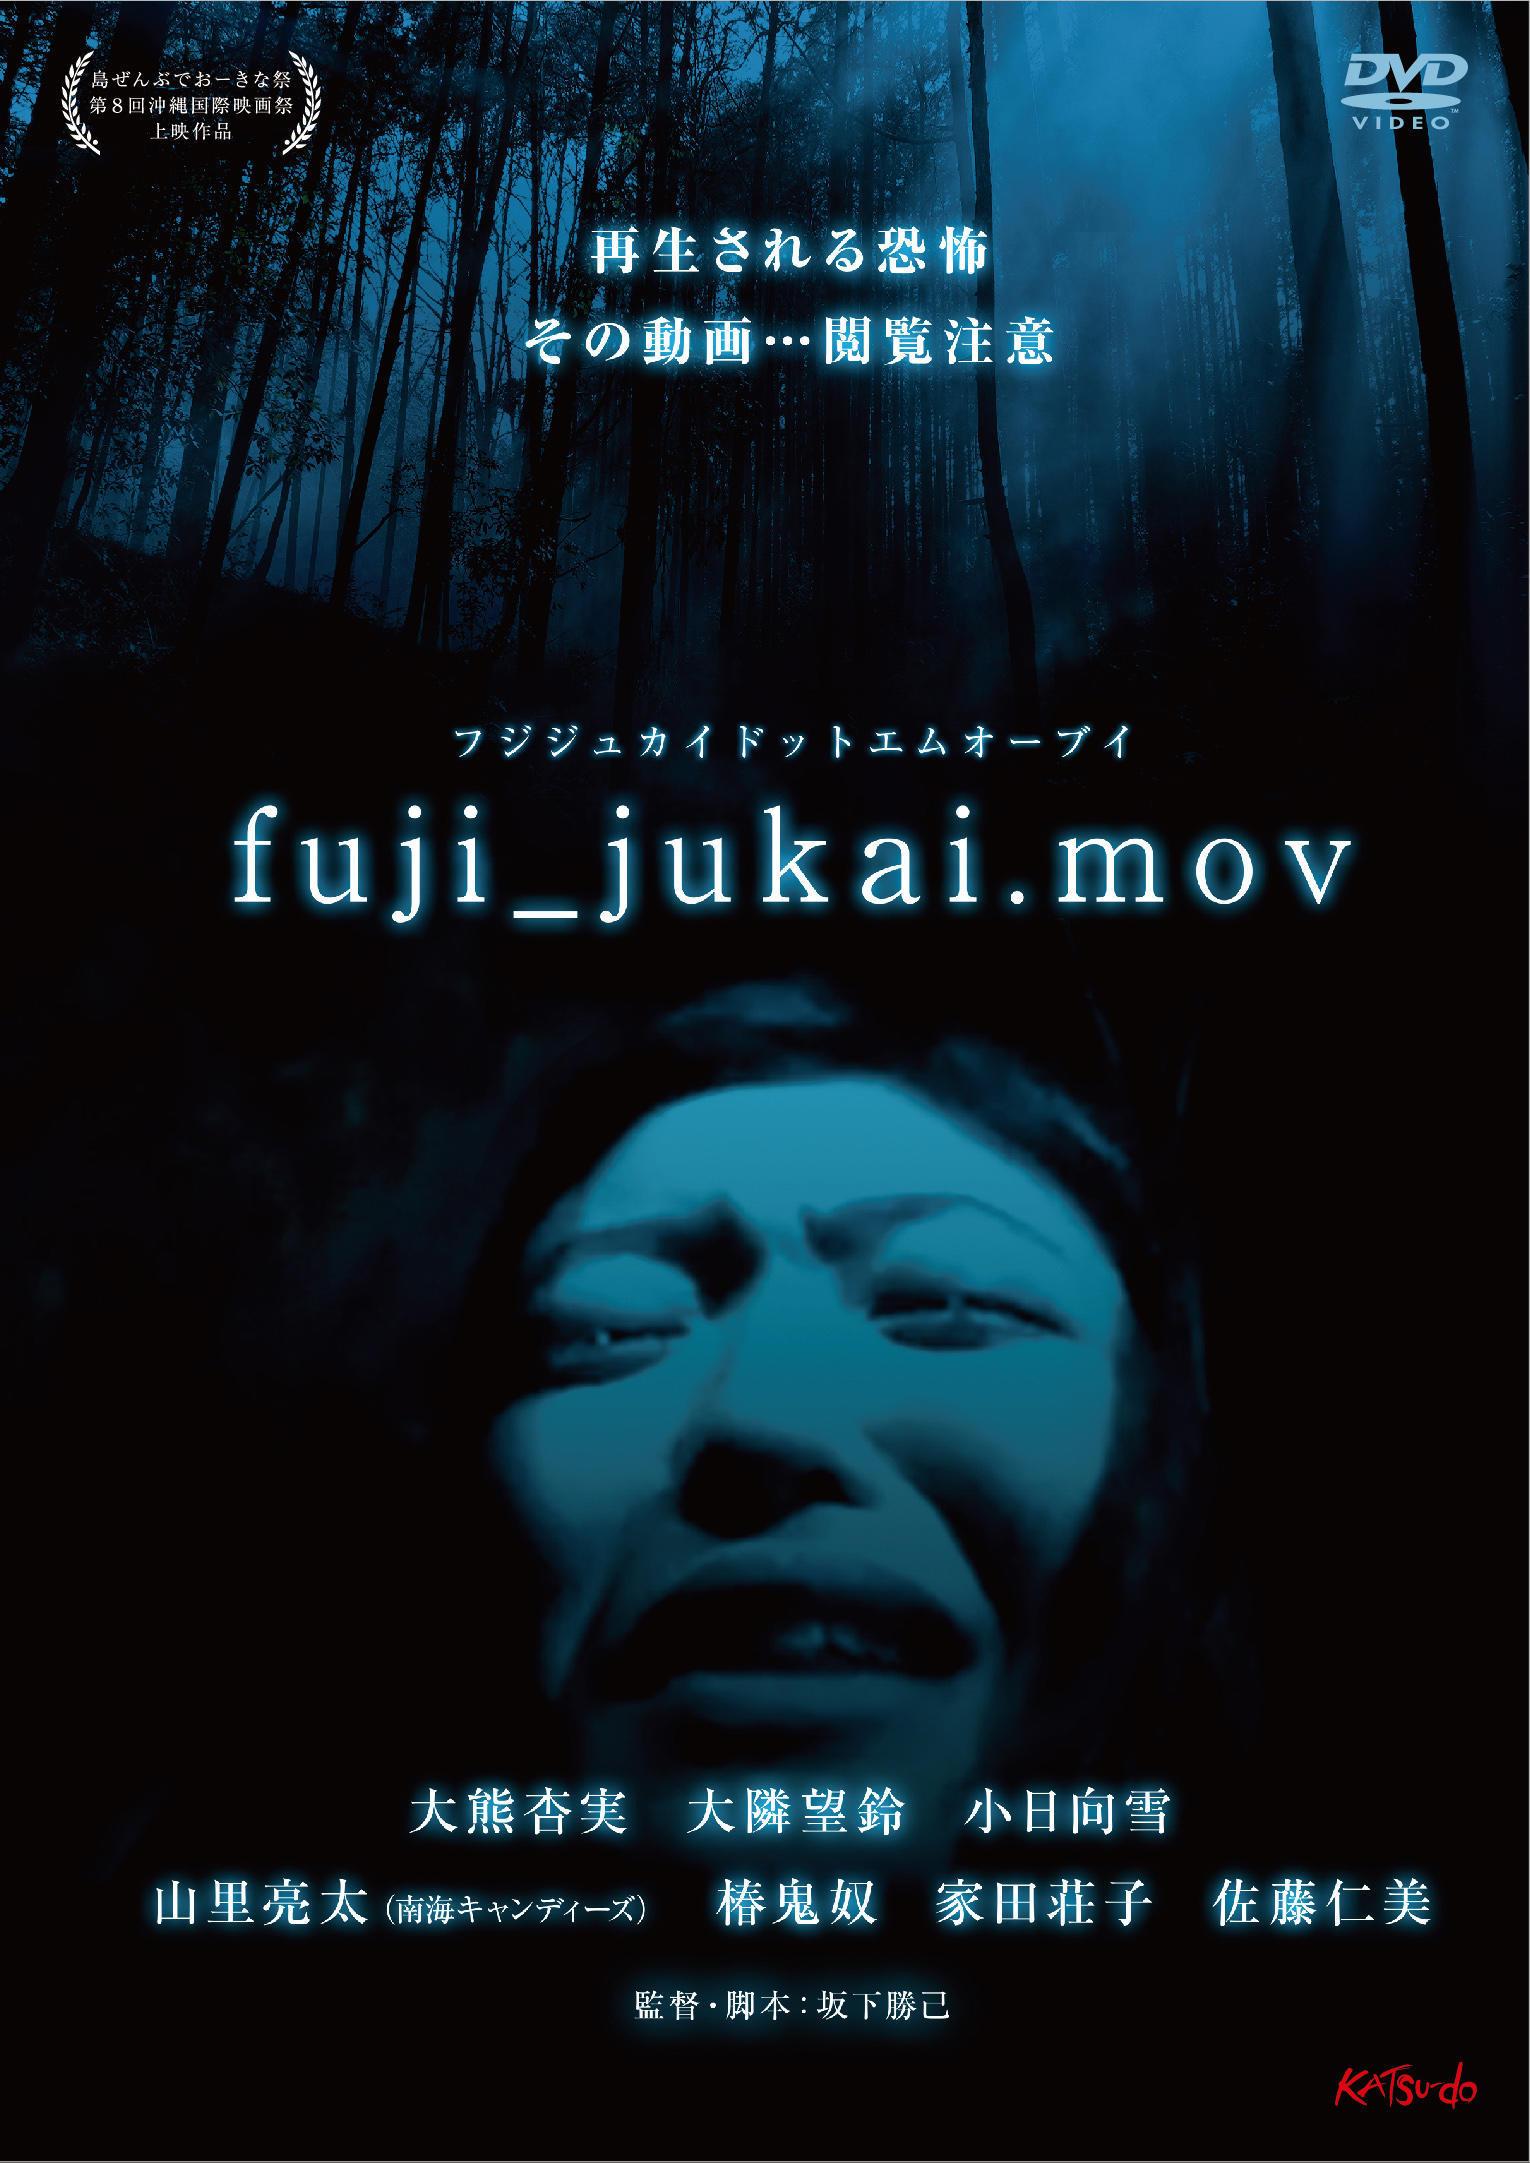 http://news.yoshimoto.co.jp/20170428172014-ac2369c81a7d27c80bab9599dea011117b1b417d.jpg